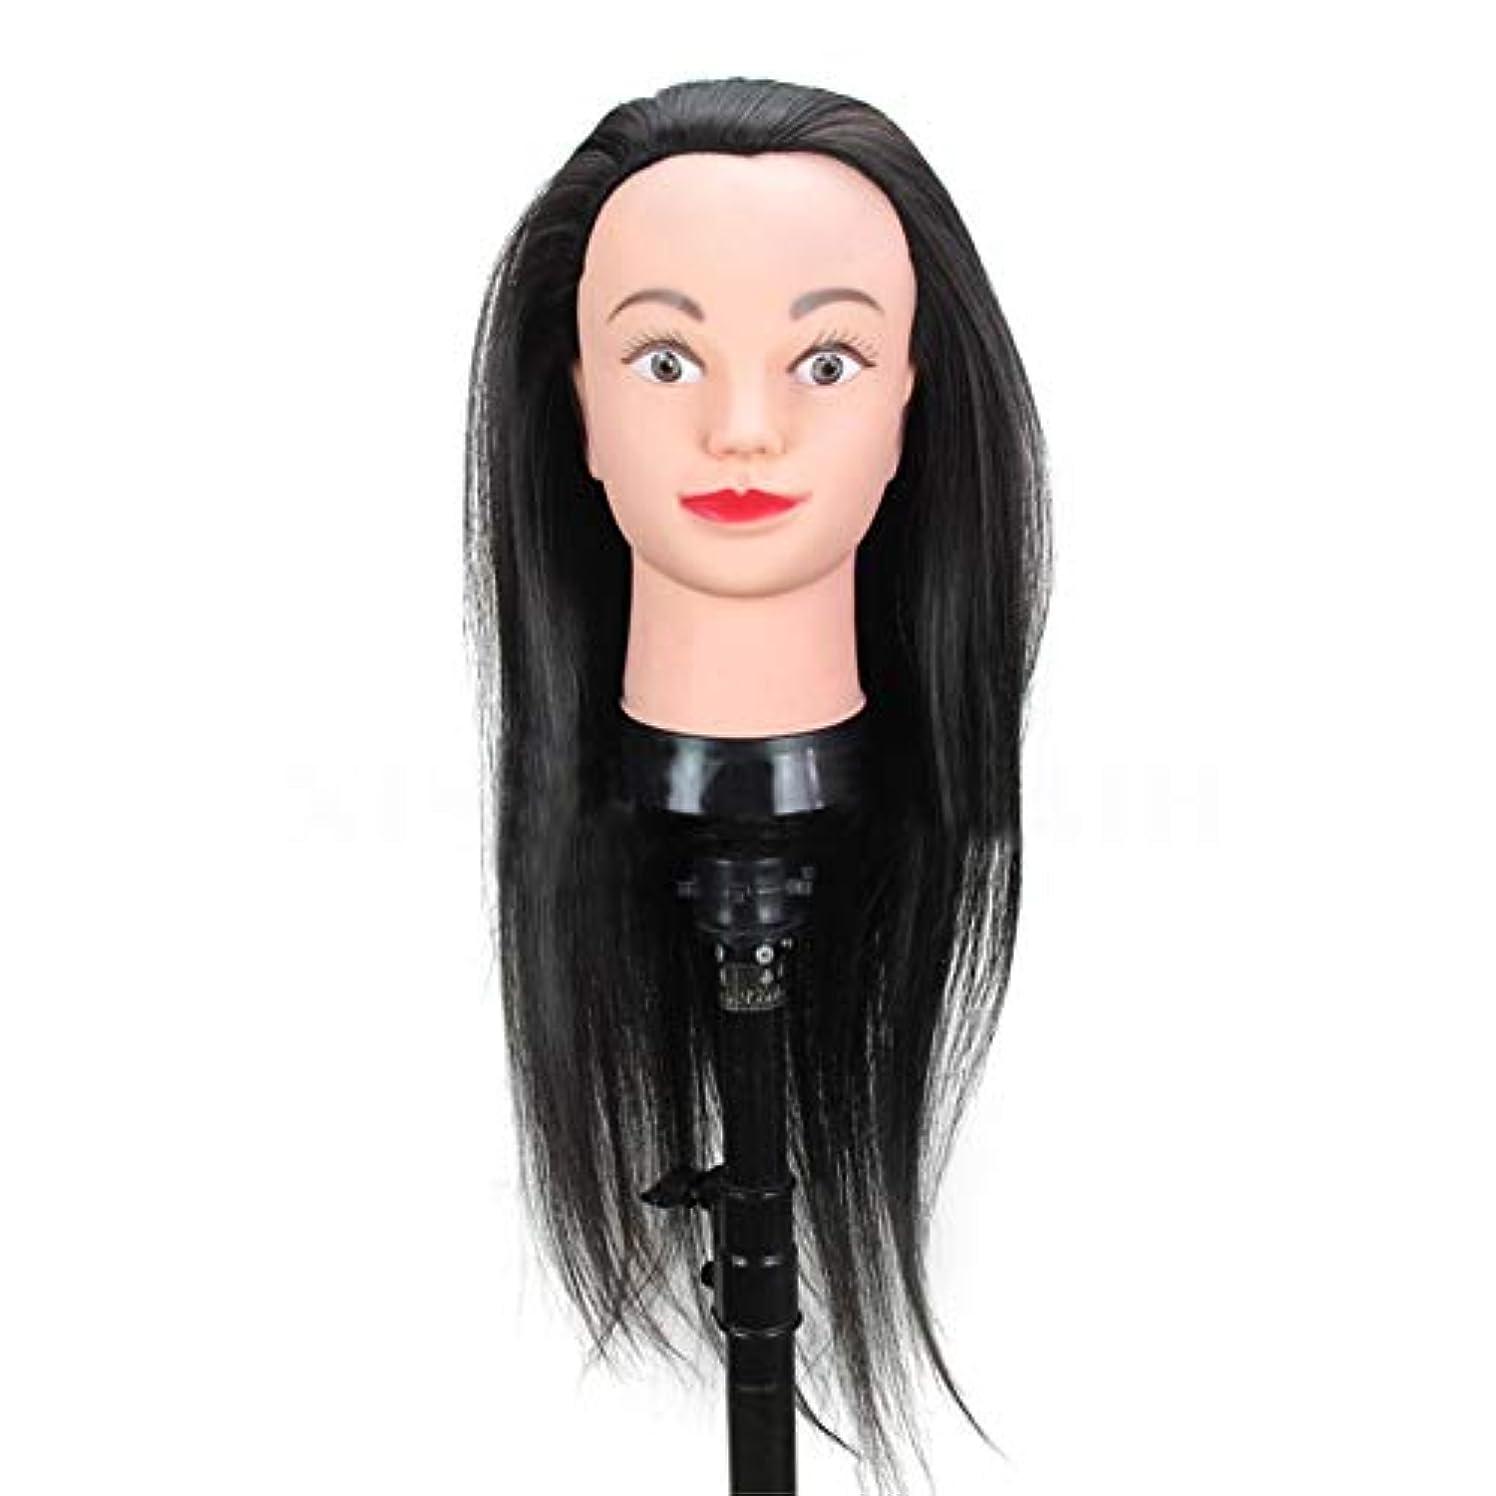 安全でない前任者火薬高温シルク編組ヘアスタイリングヘッドモデル理髪店理髪ダミーヘッド化粧練習マネキンヘッド